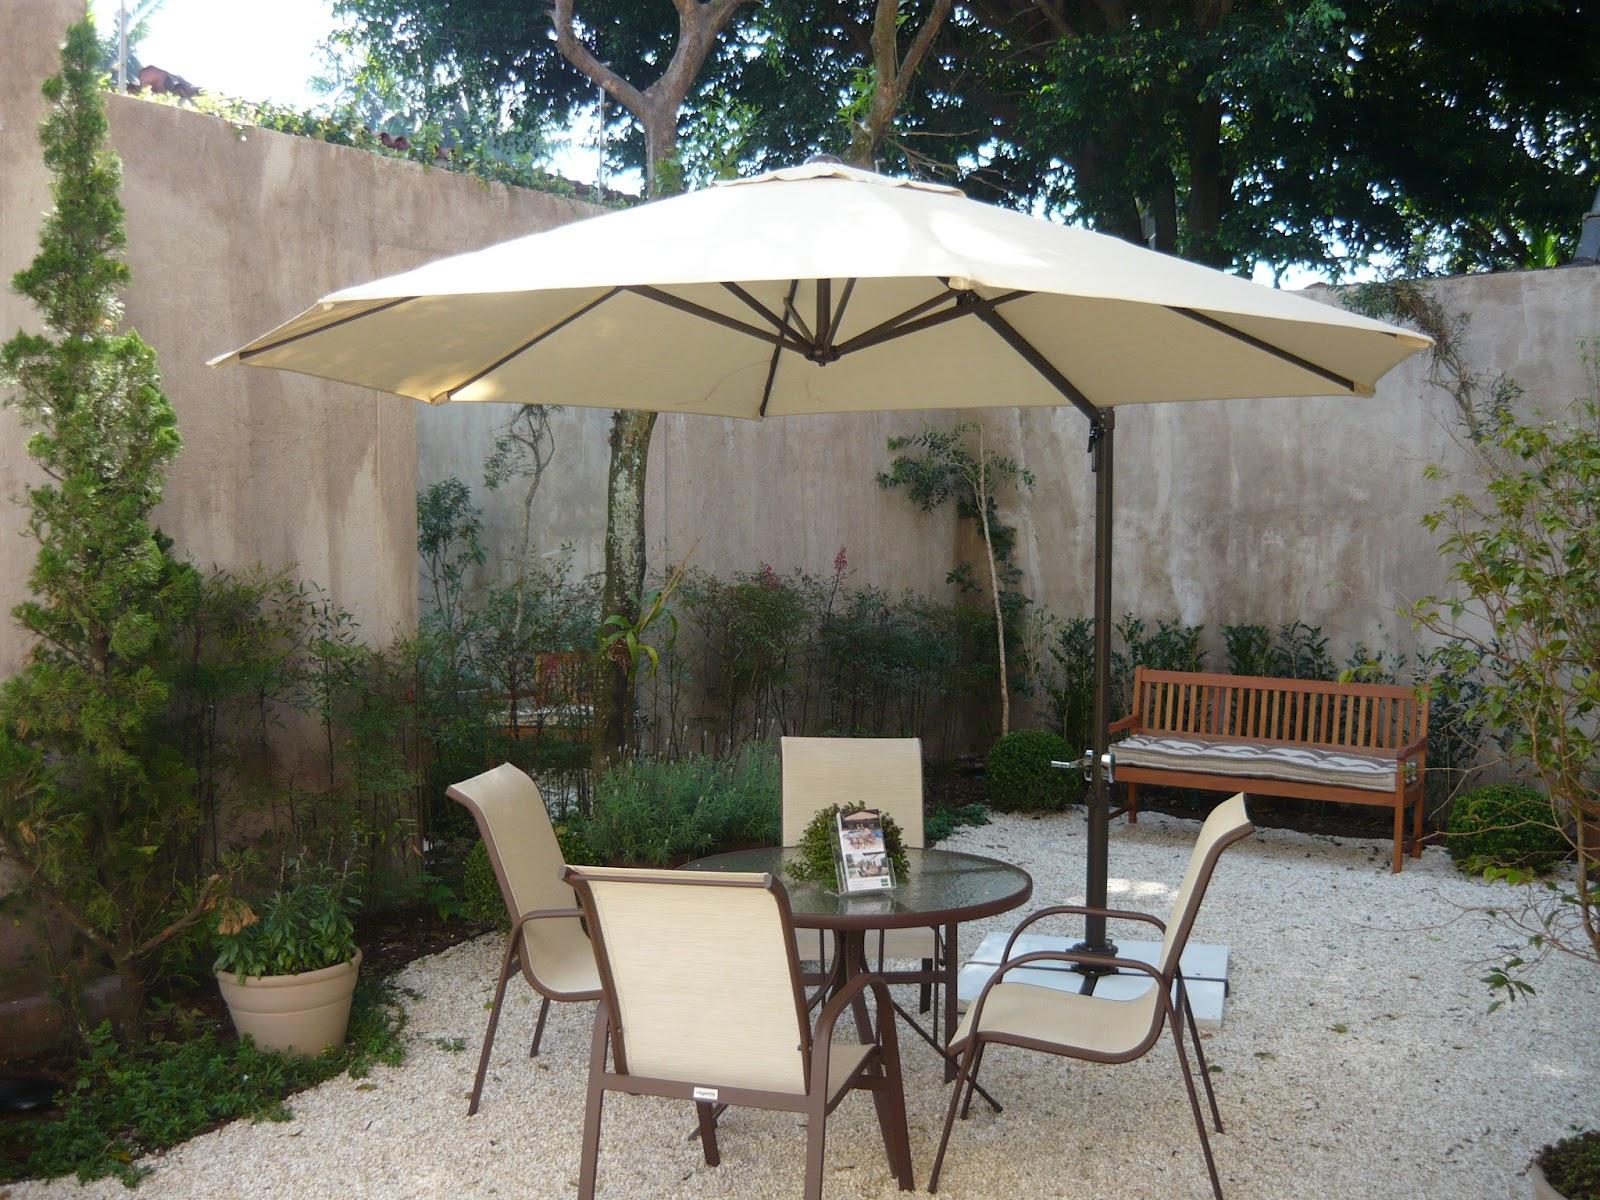 Olympia futebol ombrelone for 5 jardins de lucie